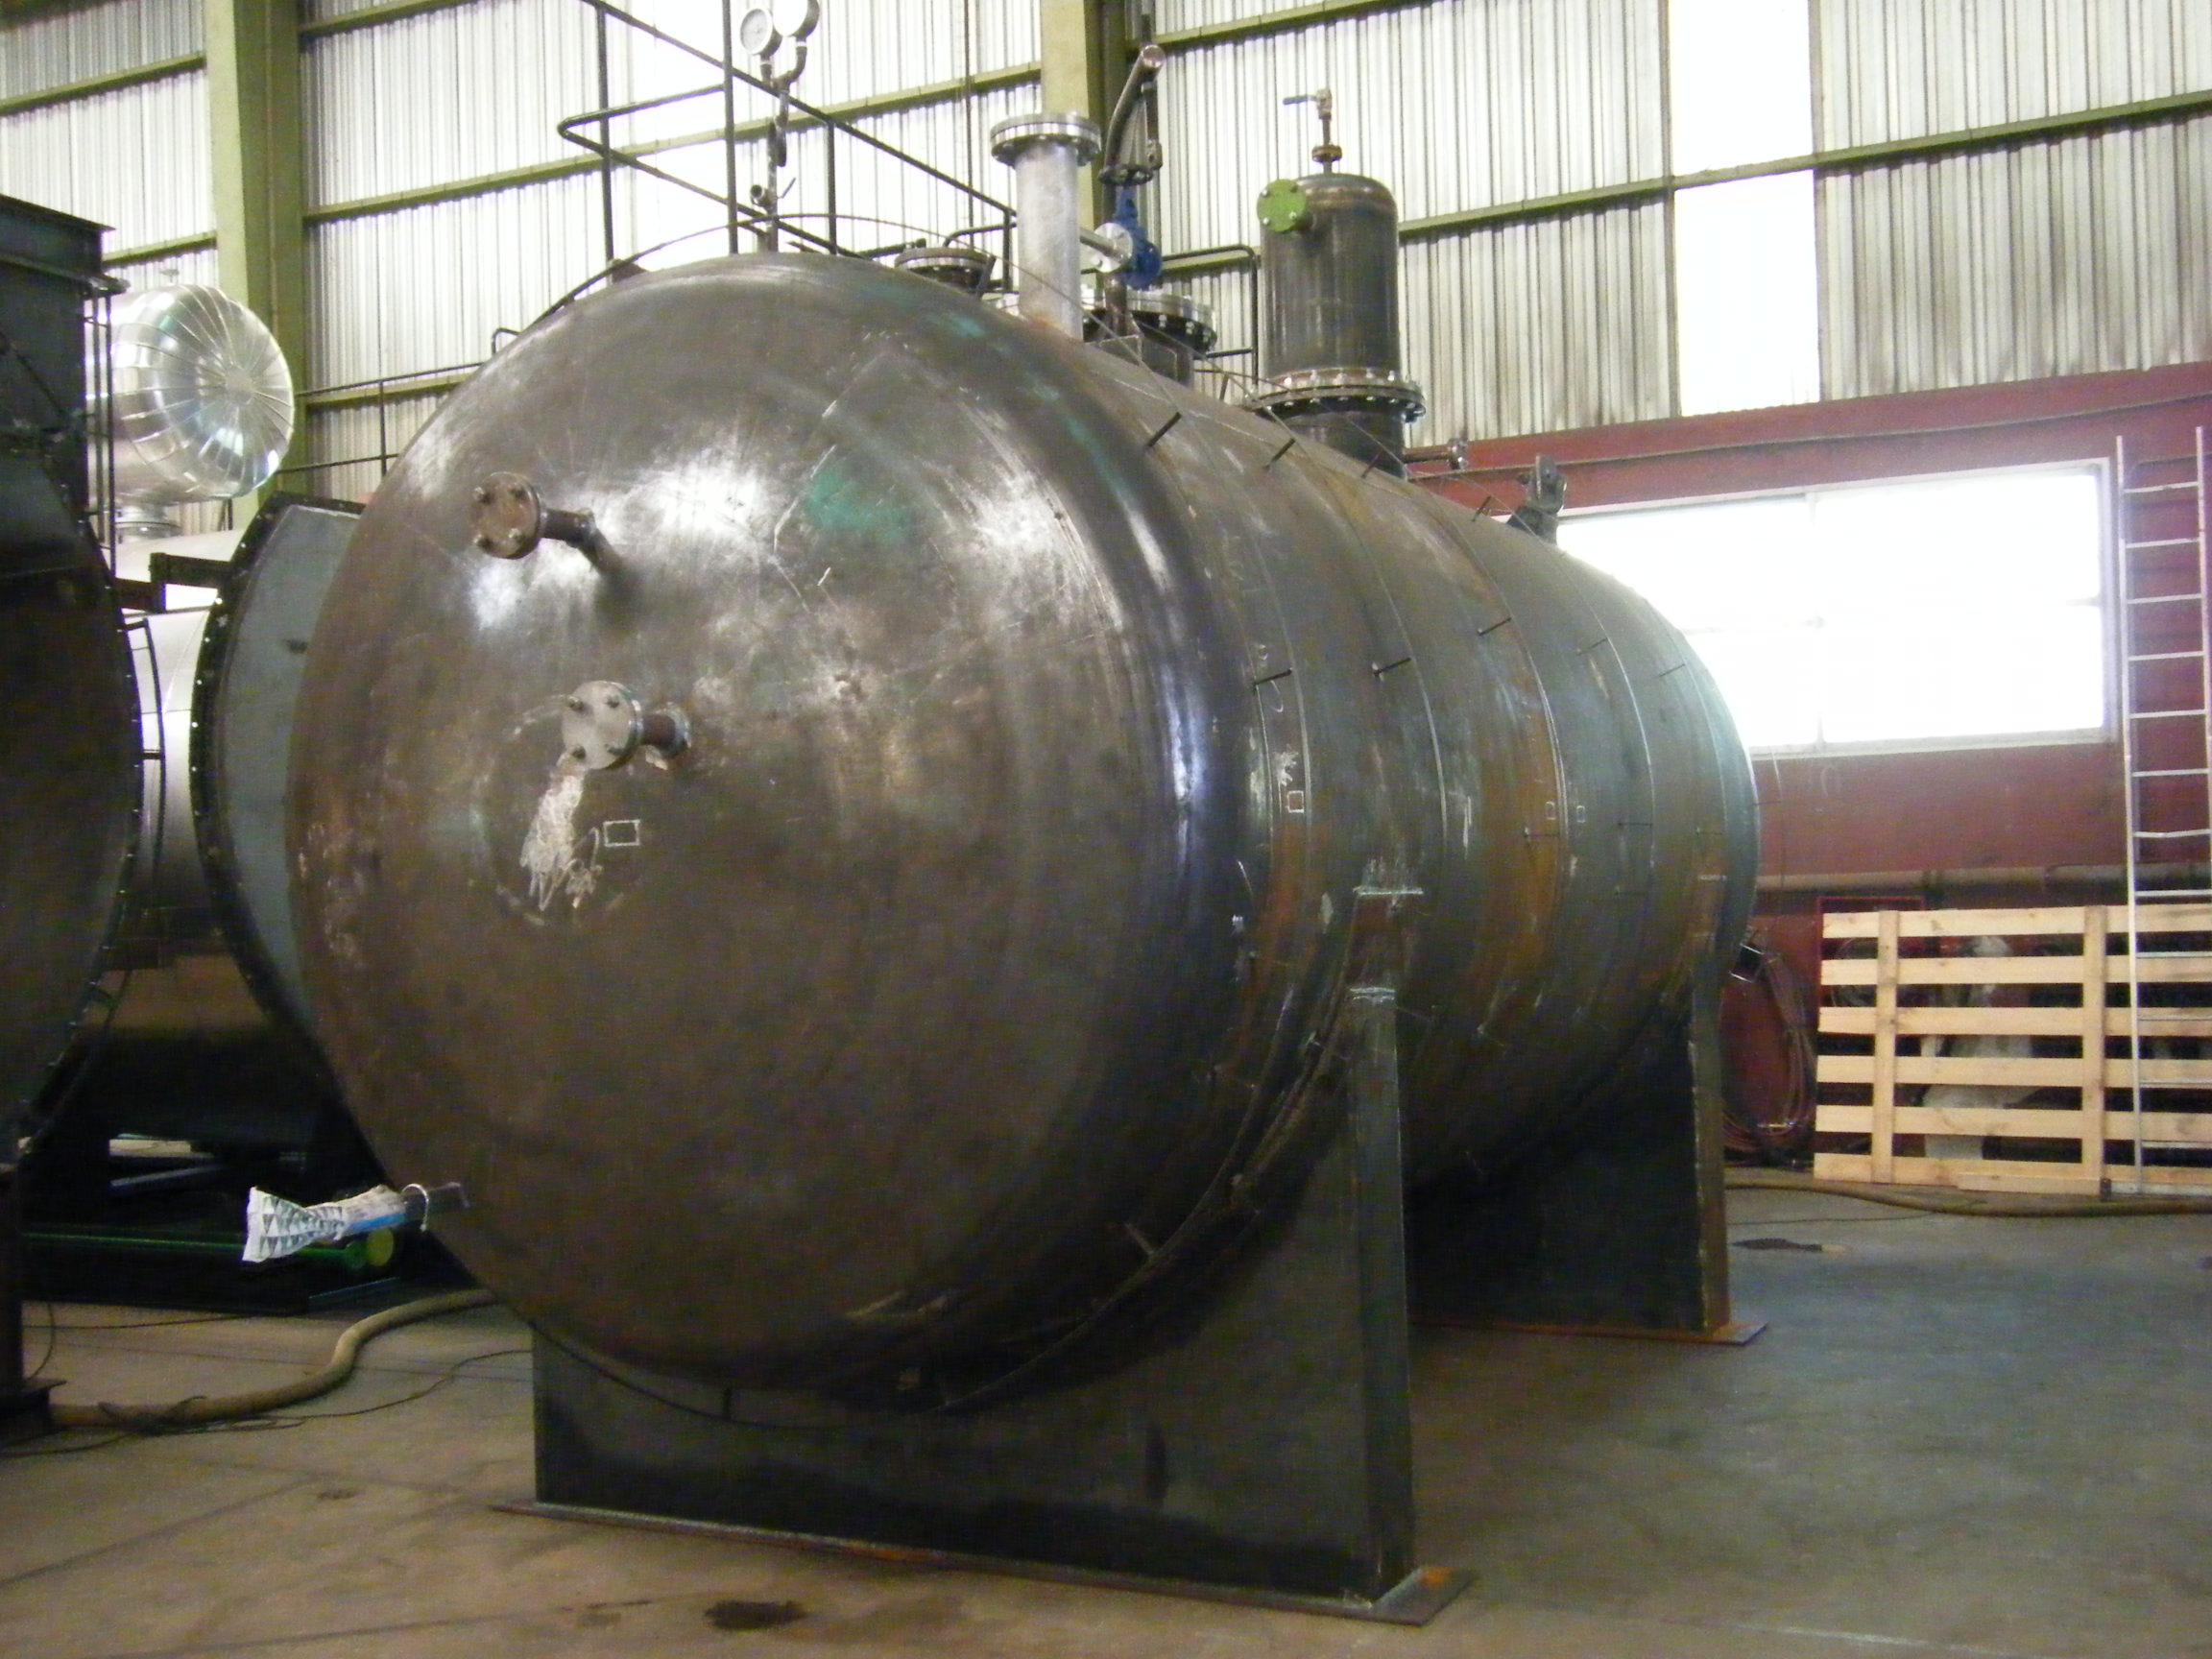 Calderas de vapor desgasificador DGV-20_02 Calderería López Hermanos, S.A. Valencia